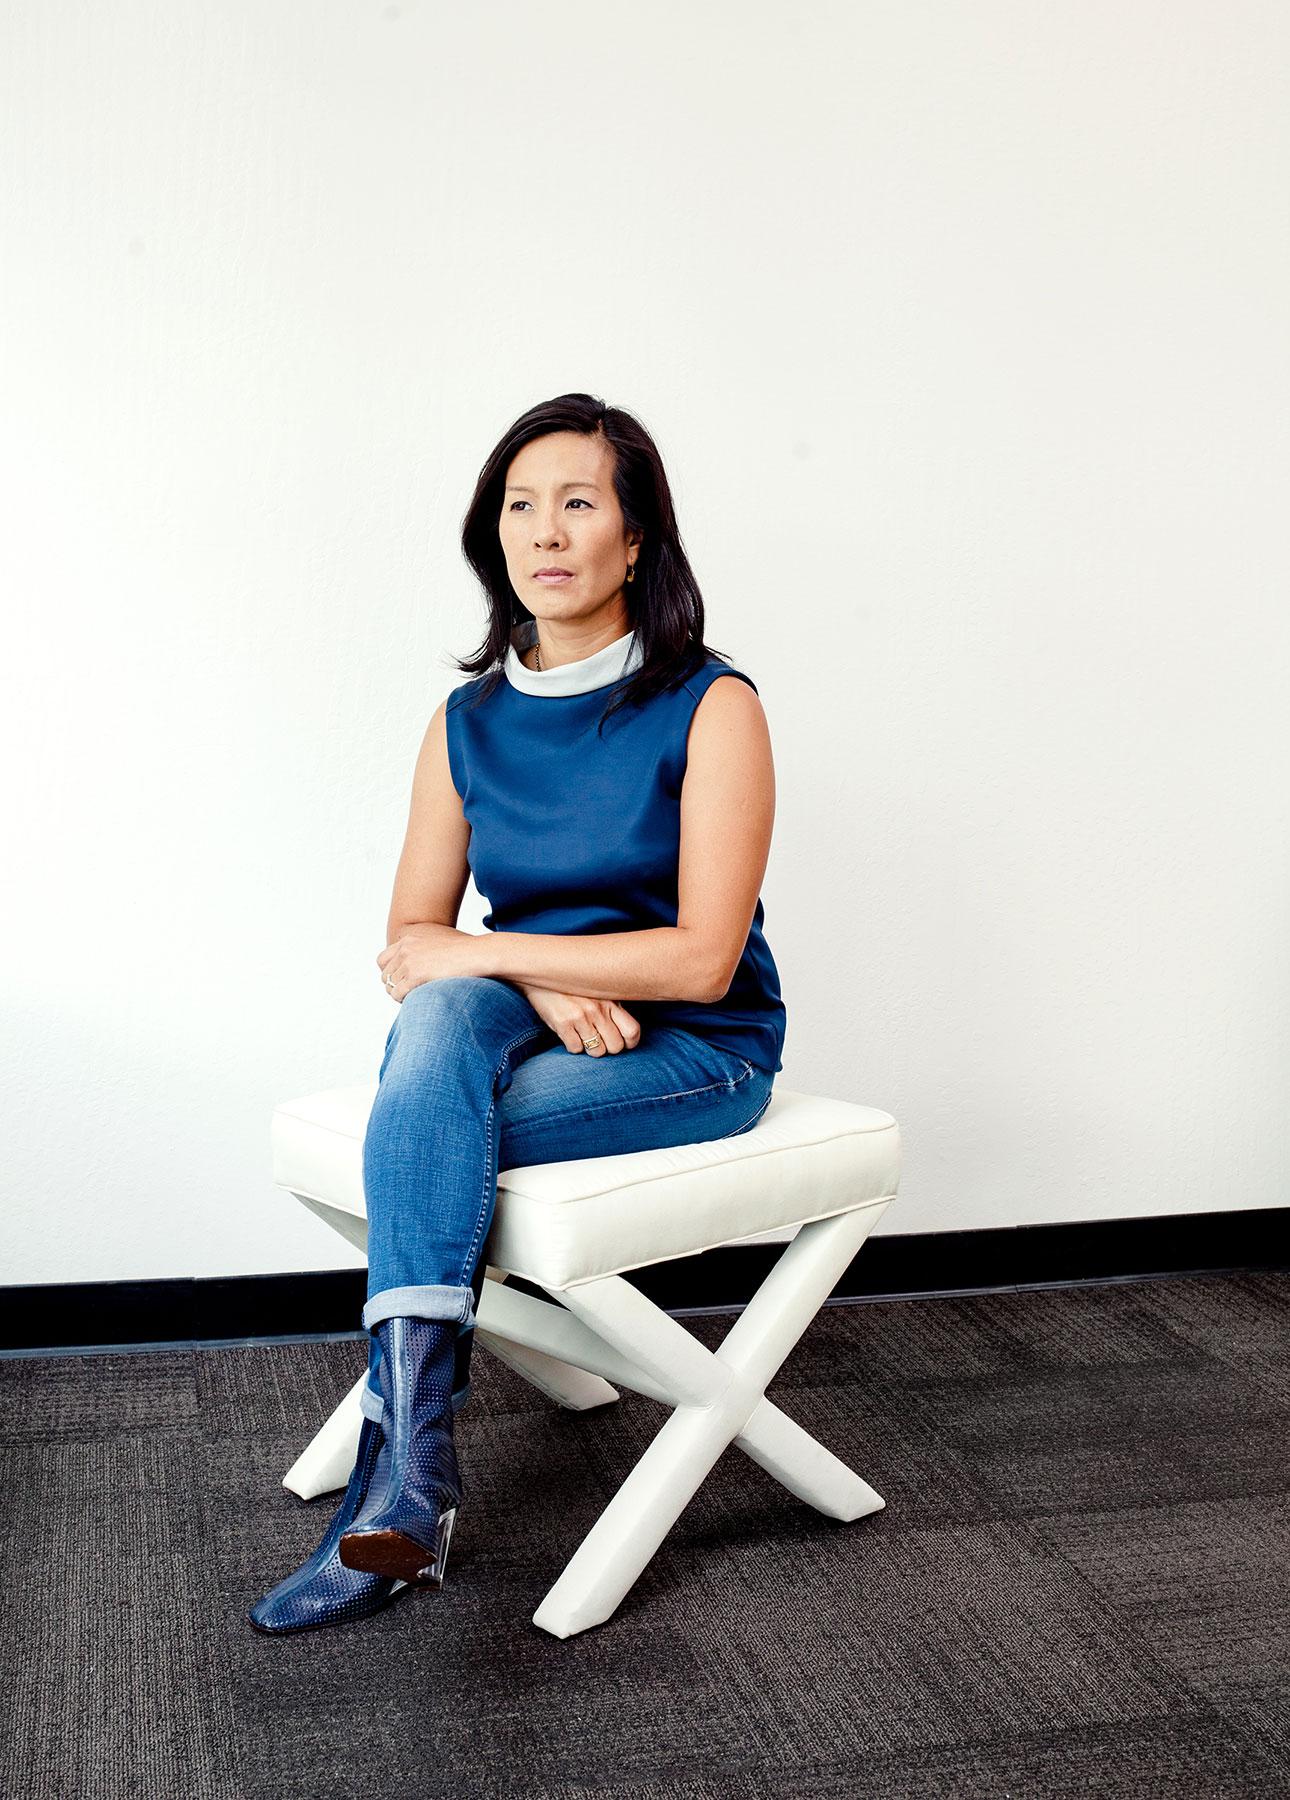 Aileen Lee, venture capital investor